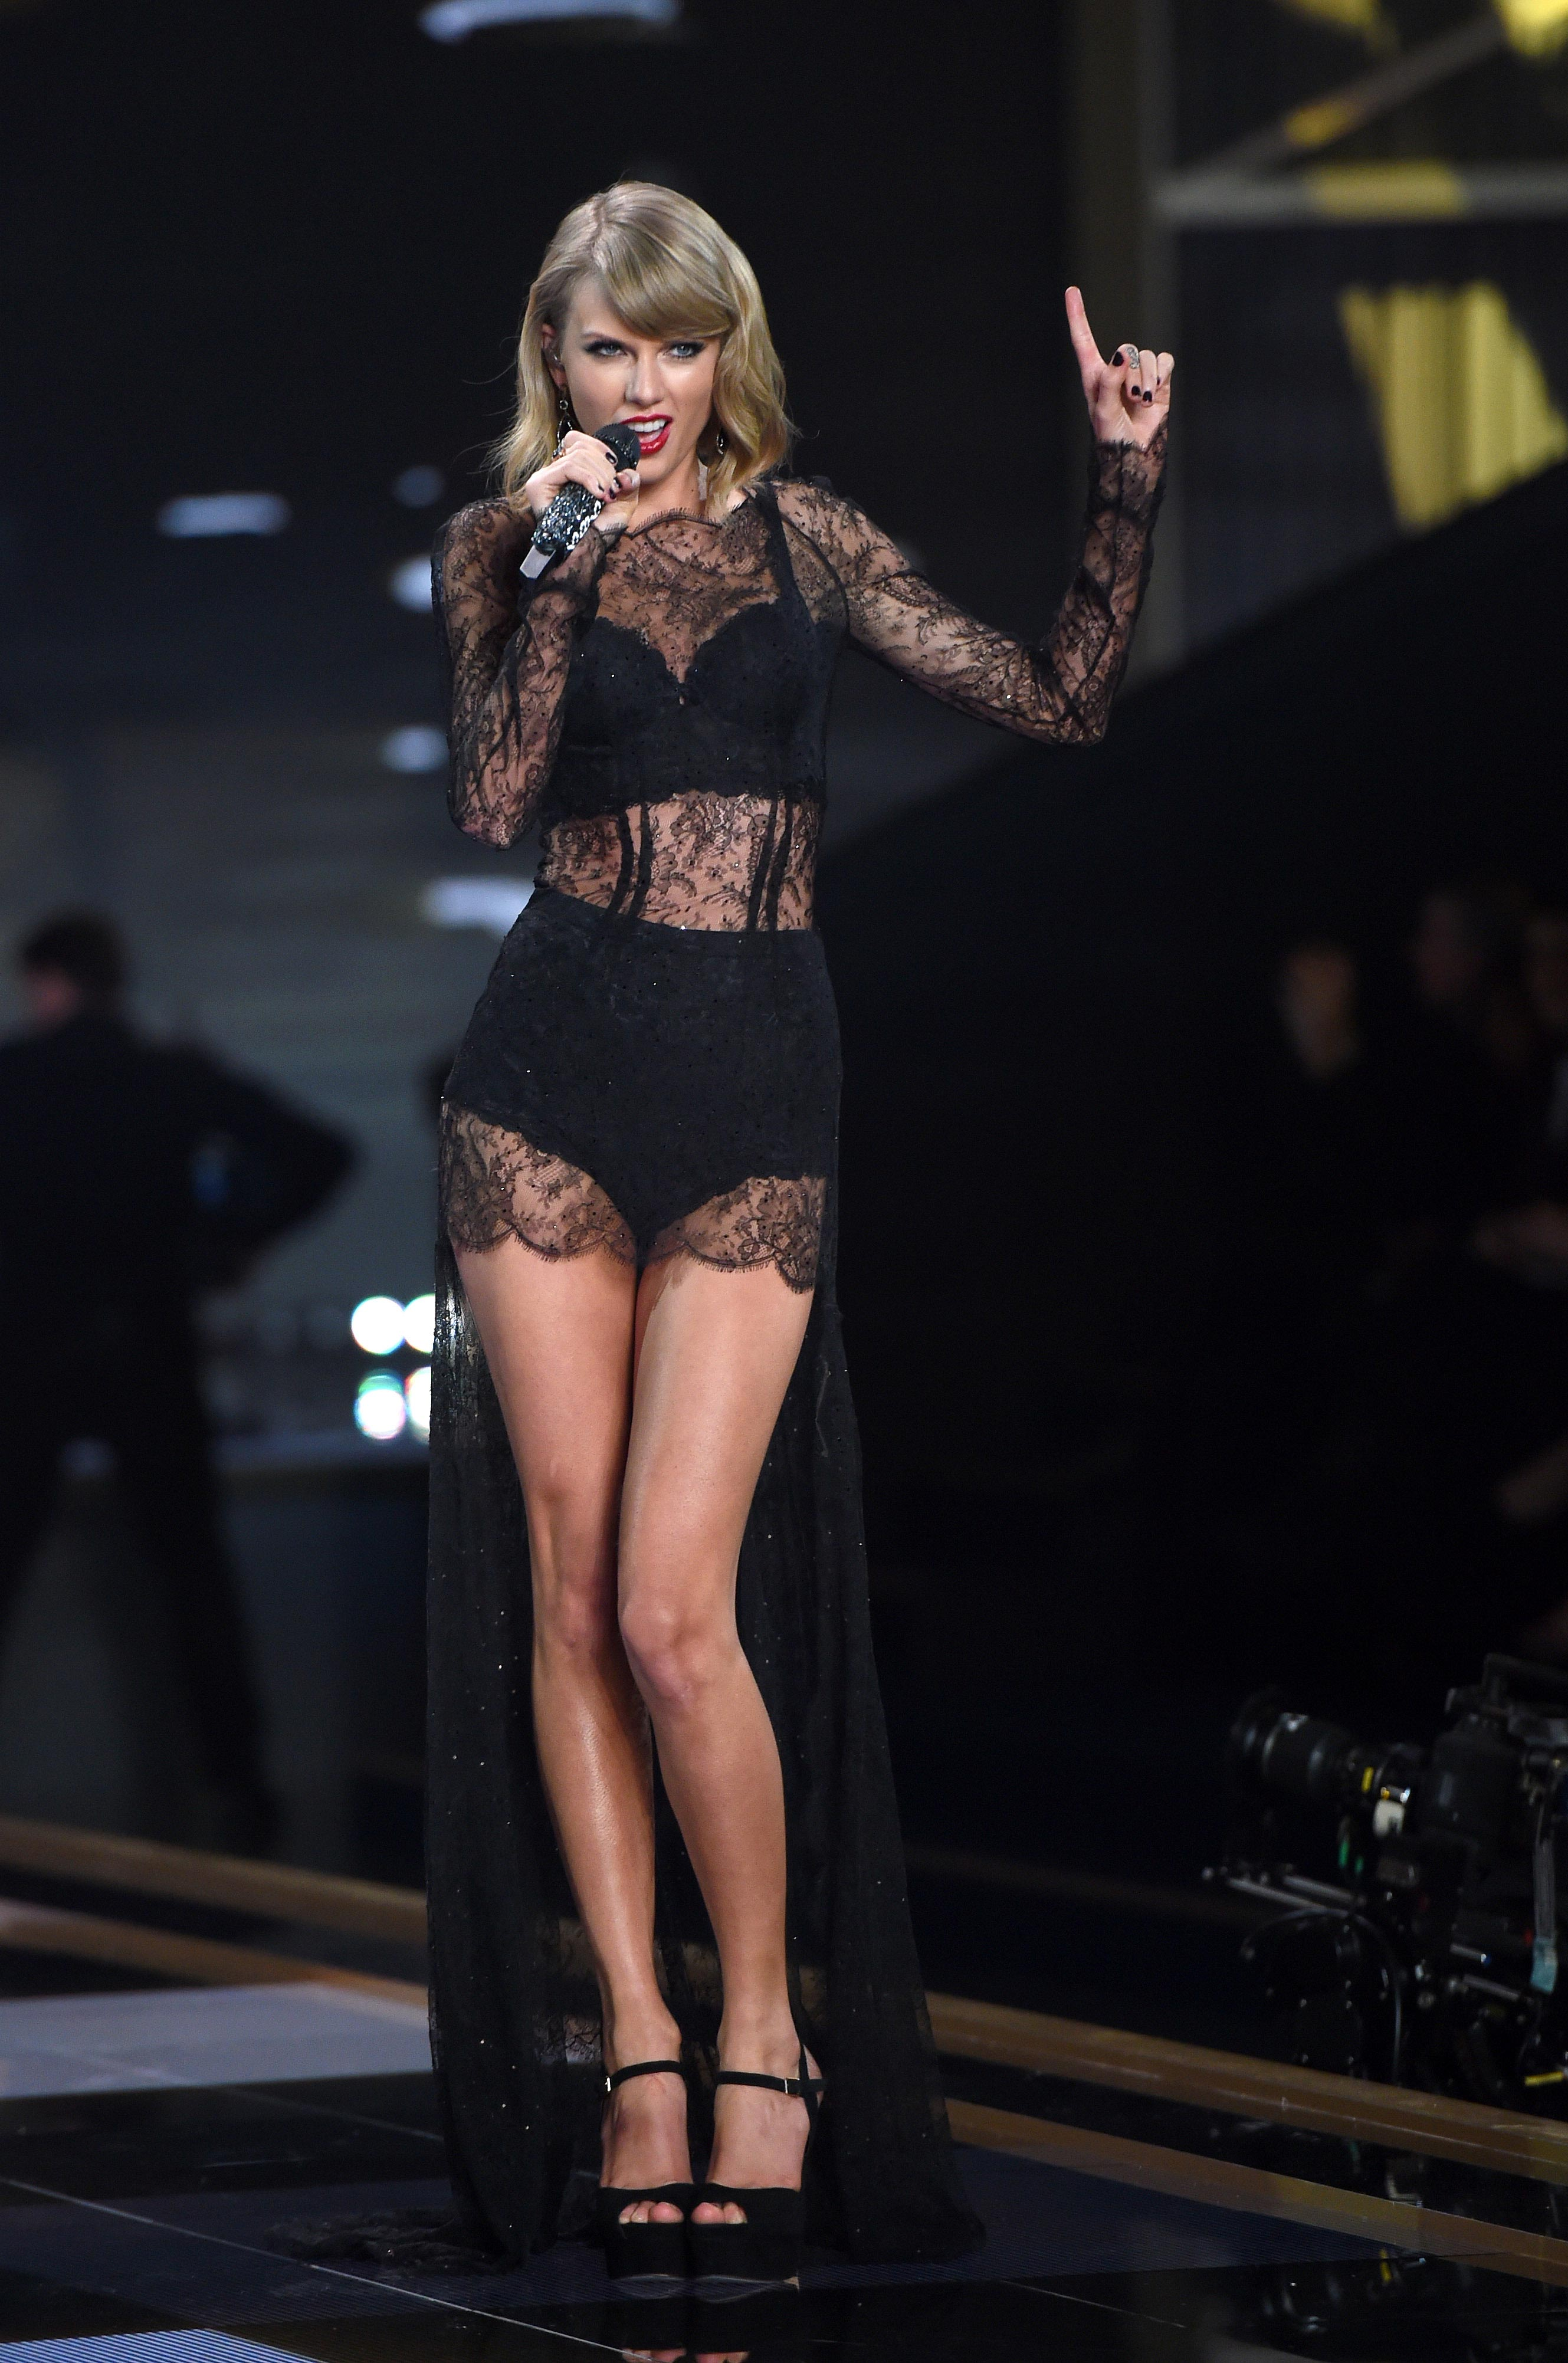 Taylor Swift natural tits